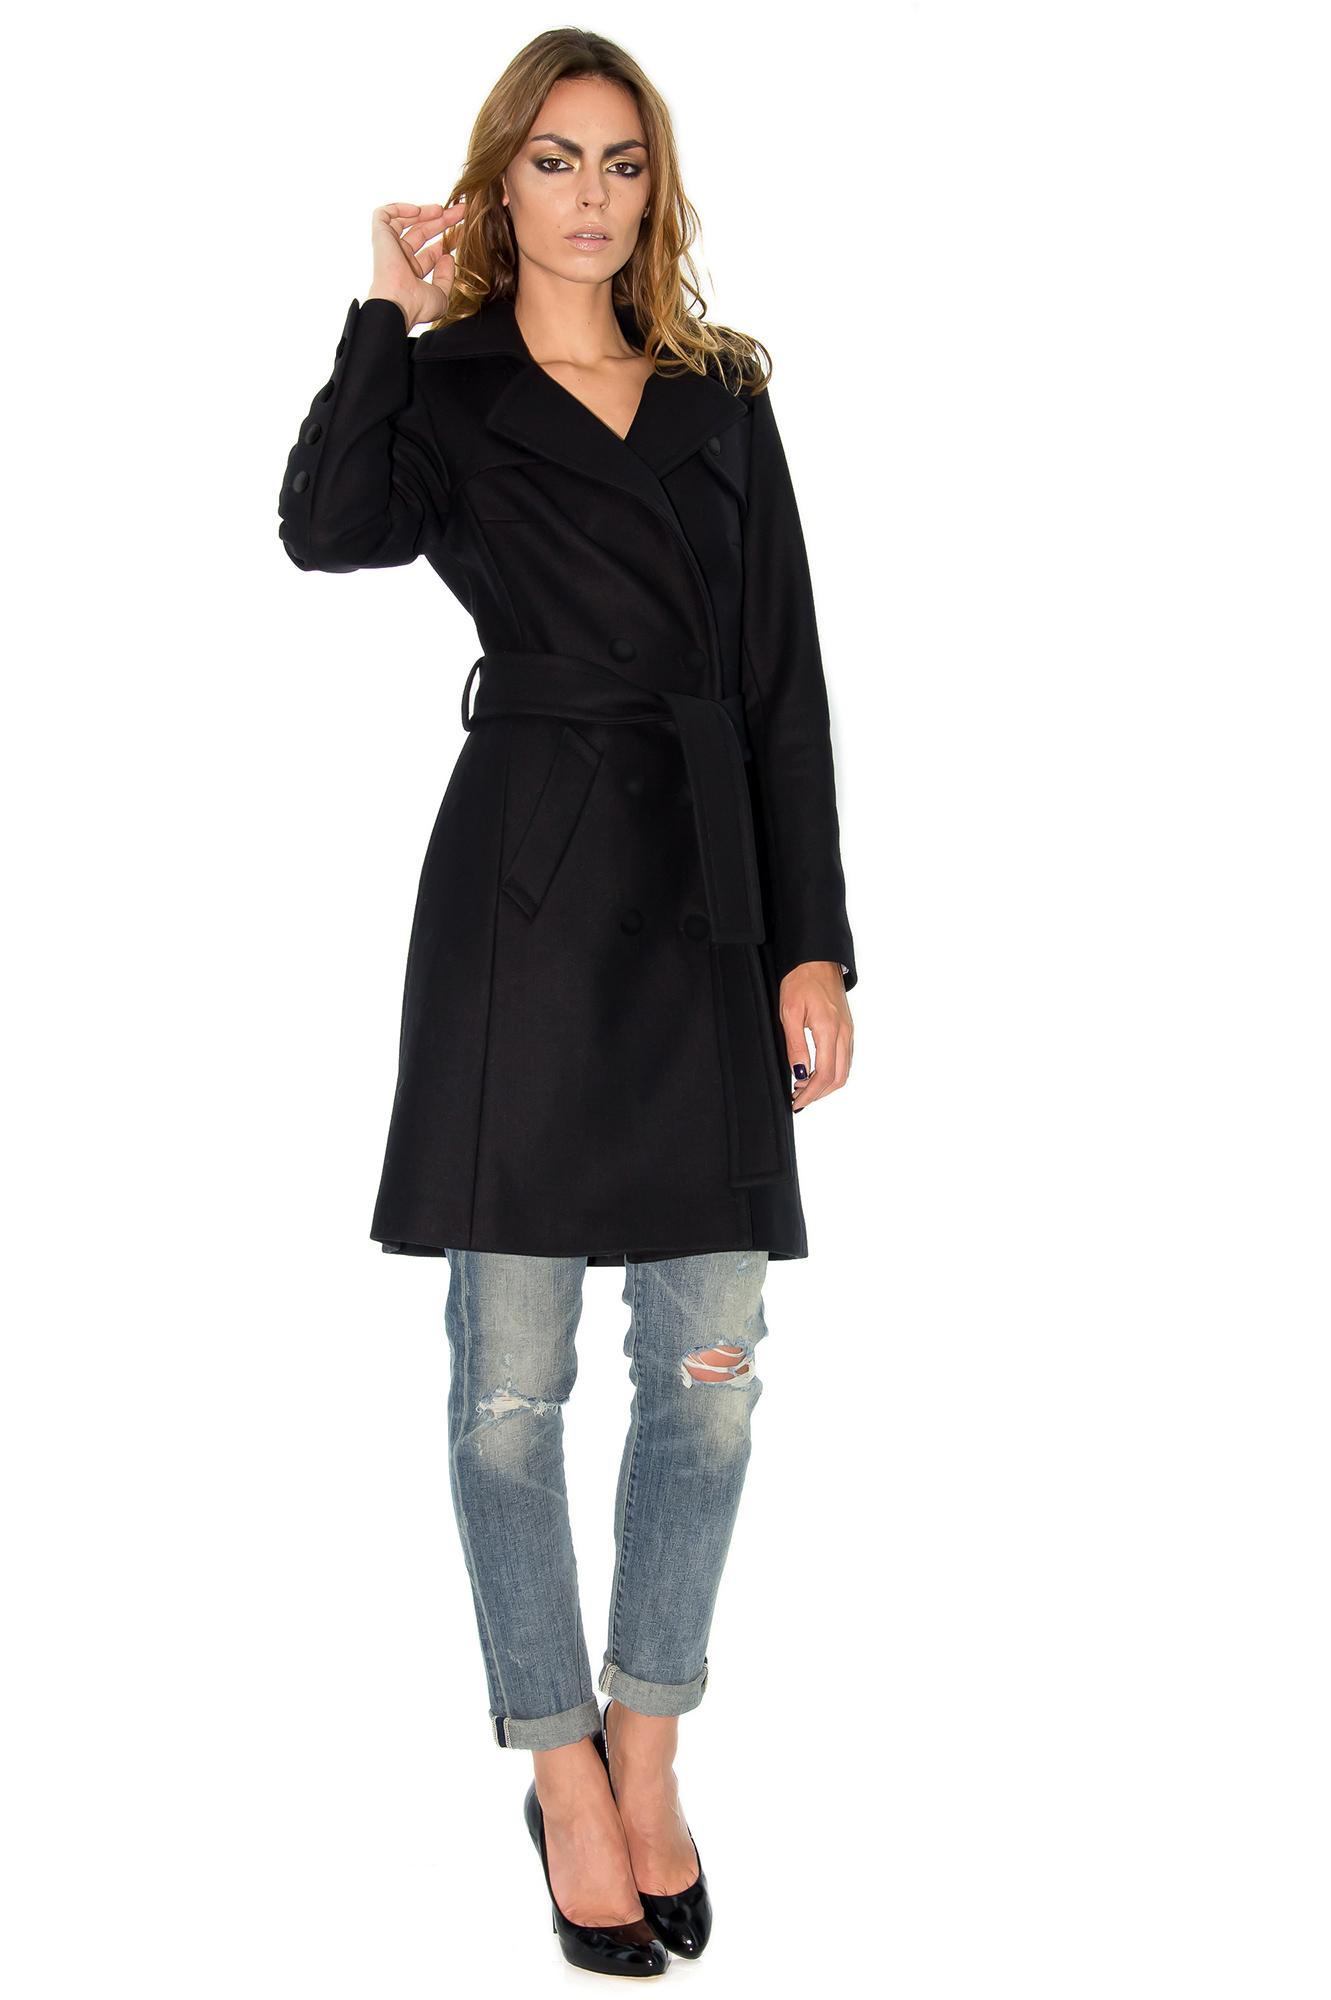 manteau cachemire manteau noir manteau mi long manteau femme alexandrina turcan stefanie. Black Bedroom Furniture Sets. Home Design Ideas